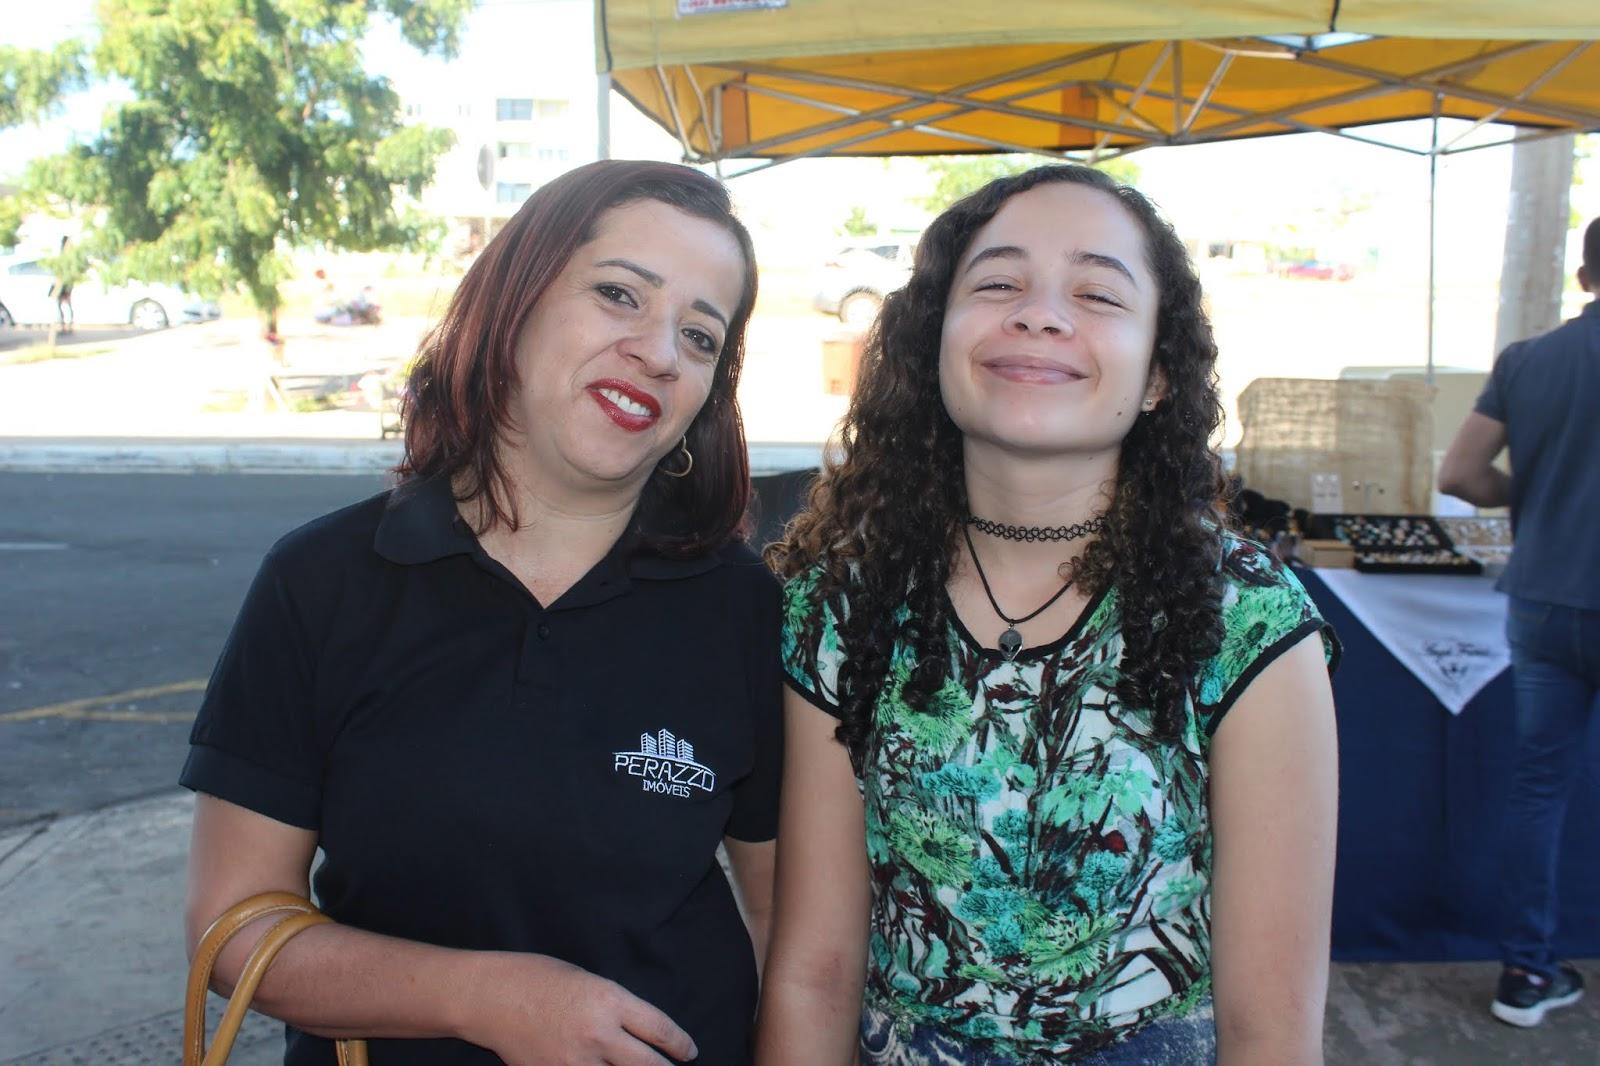 IMG 3642 - Dia 12 de maio dia das Mães no Jardins Mangueiral foi com muta diverção e alegria com um lindo café da manha